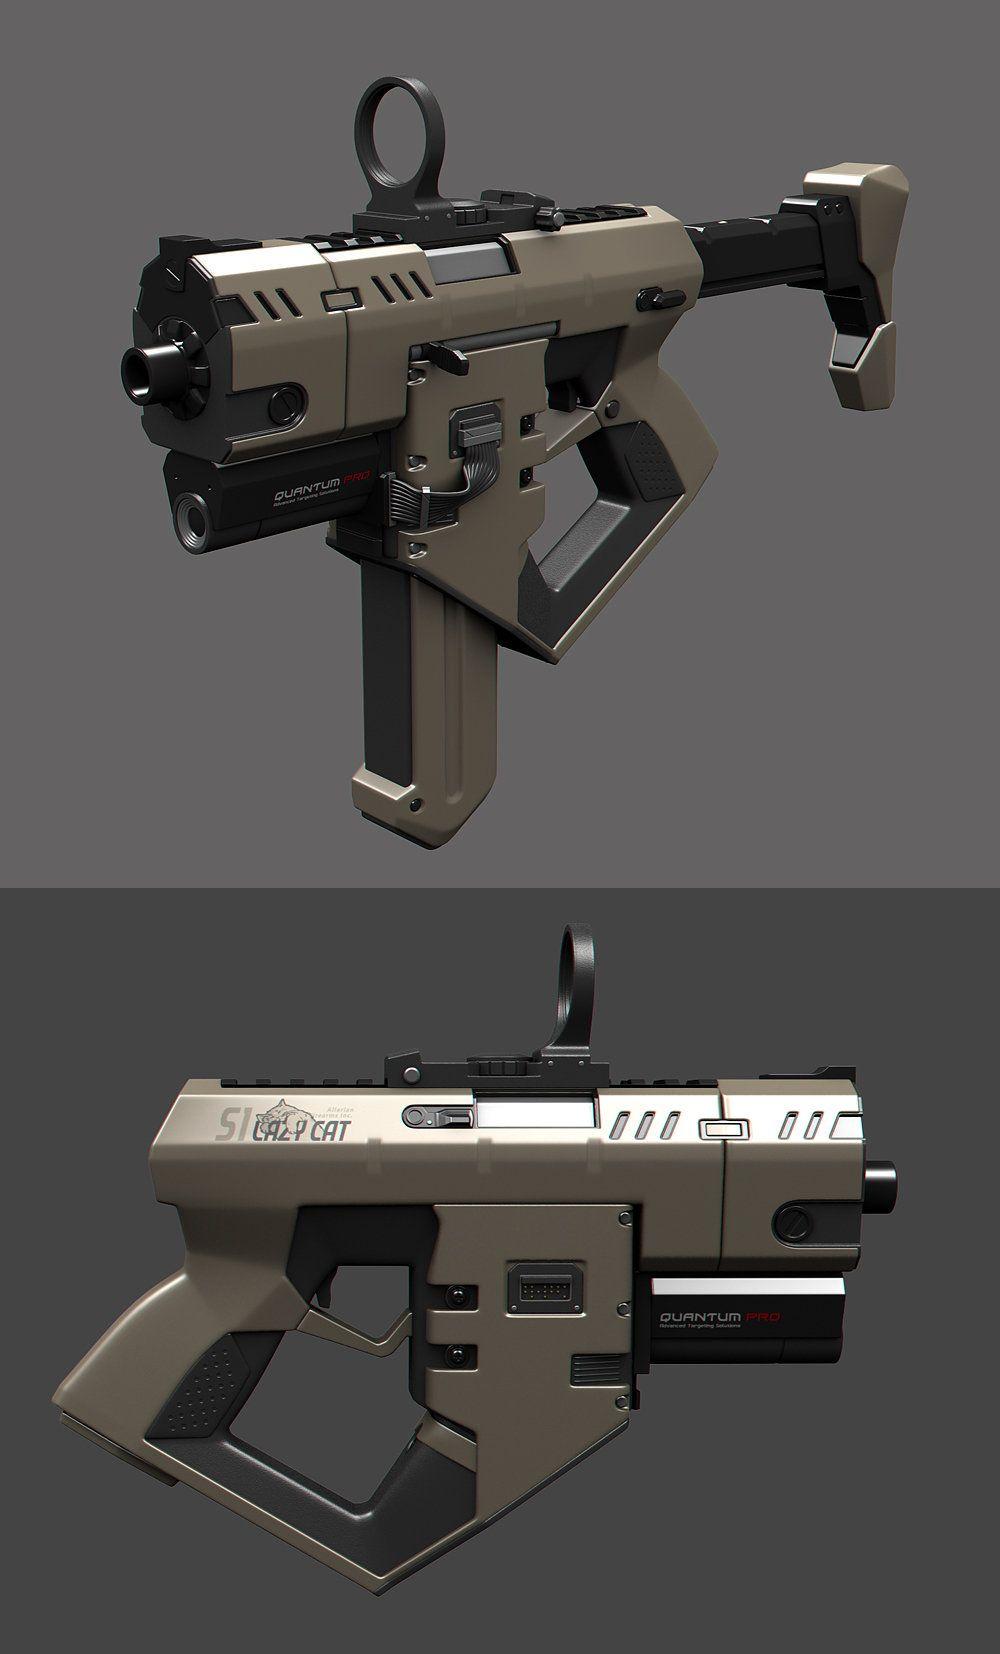 A small submachine gun with underbarrel railgun and cloaking